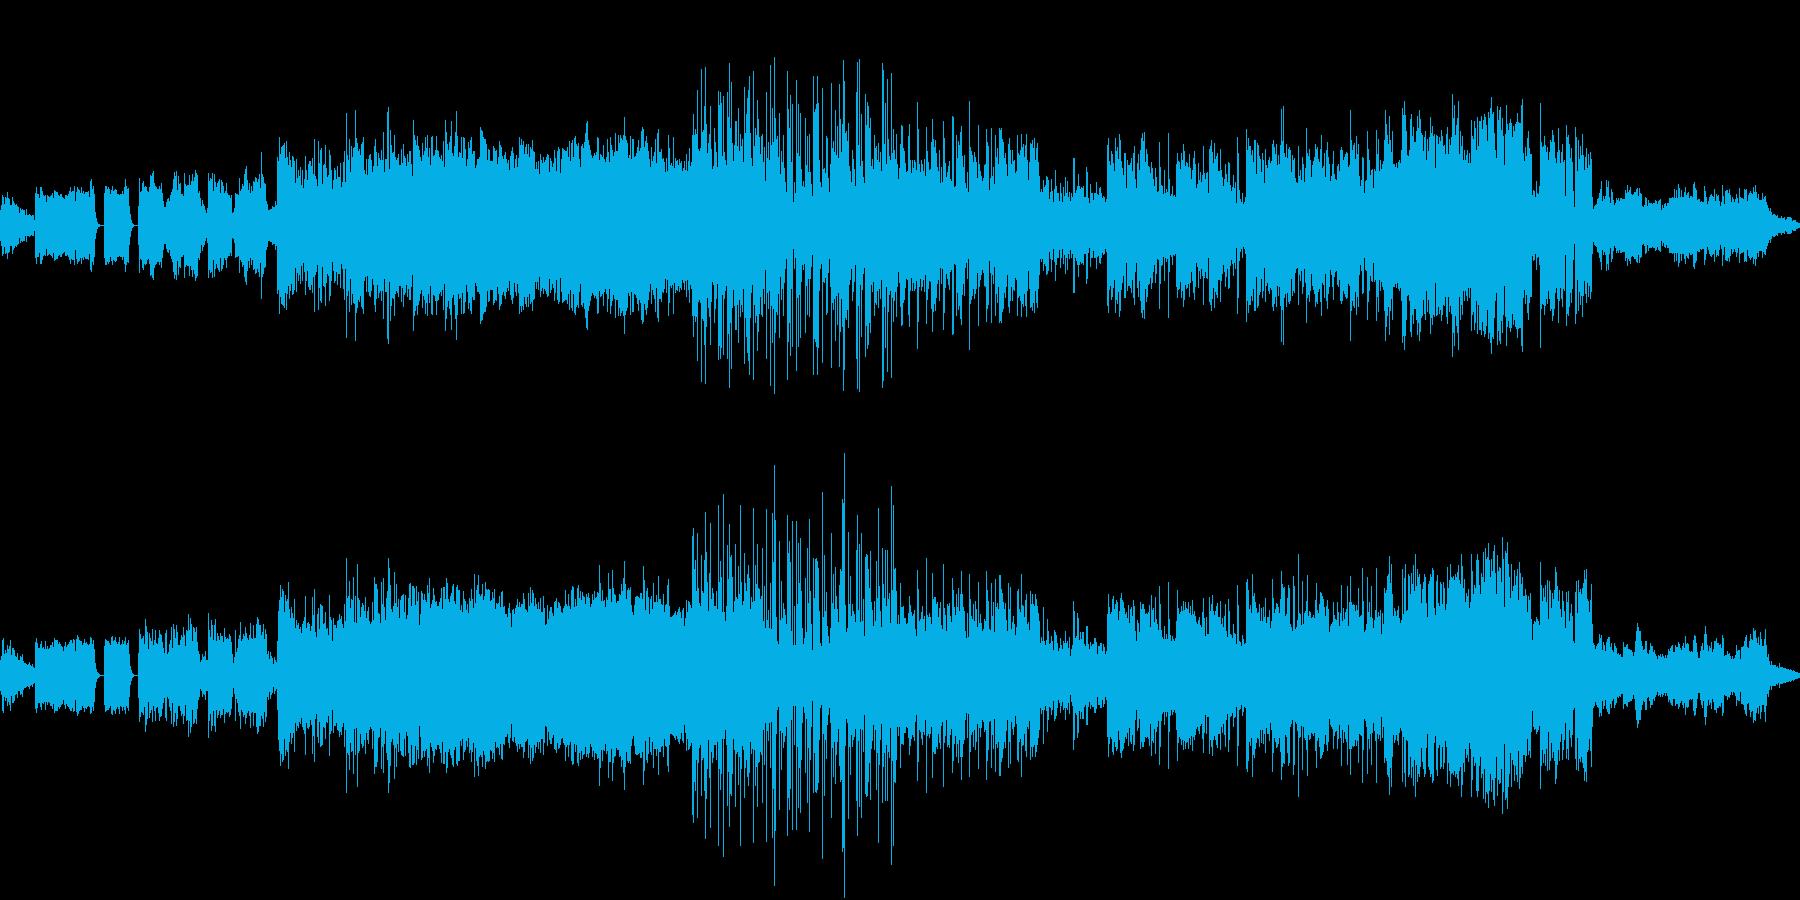 パワフル、色鮮やかでヘヴィなメタル交響曲の再生済みの波形